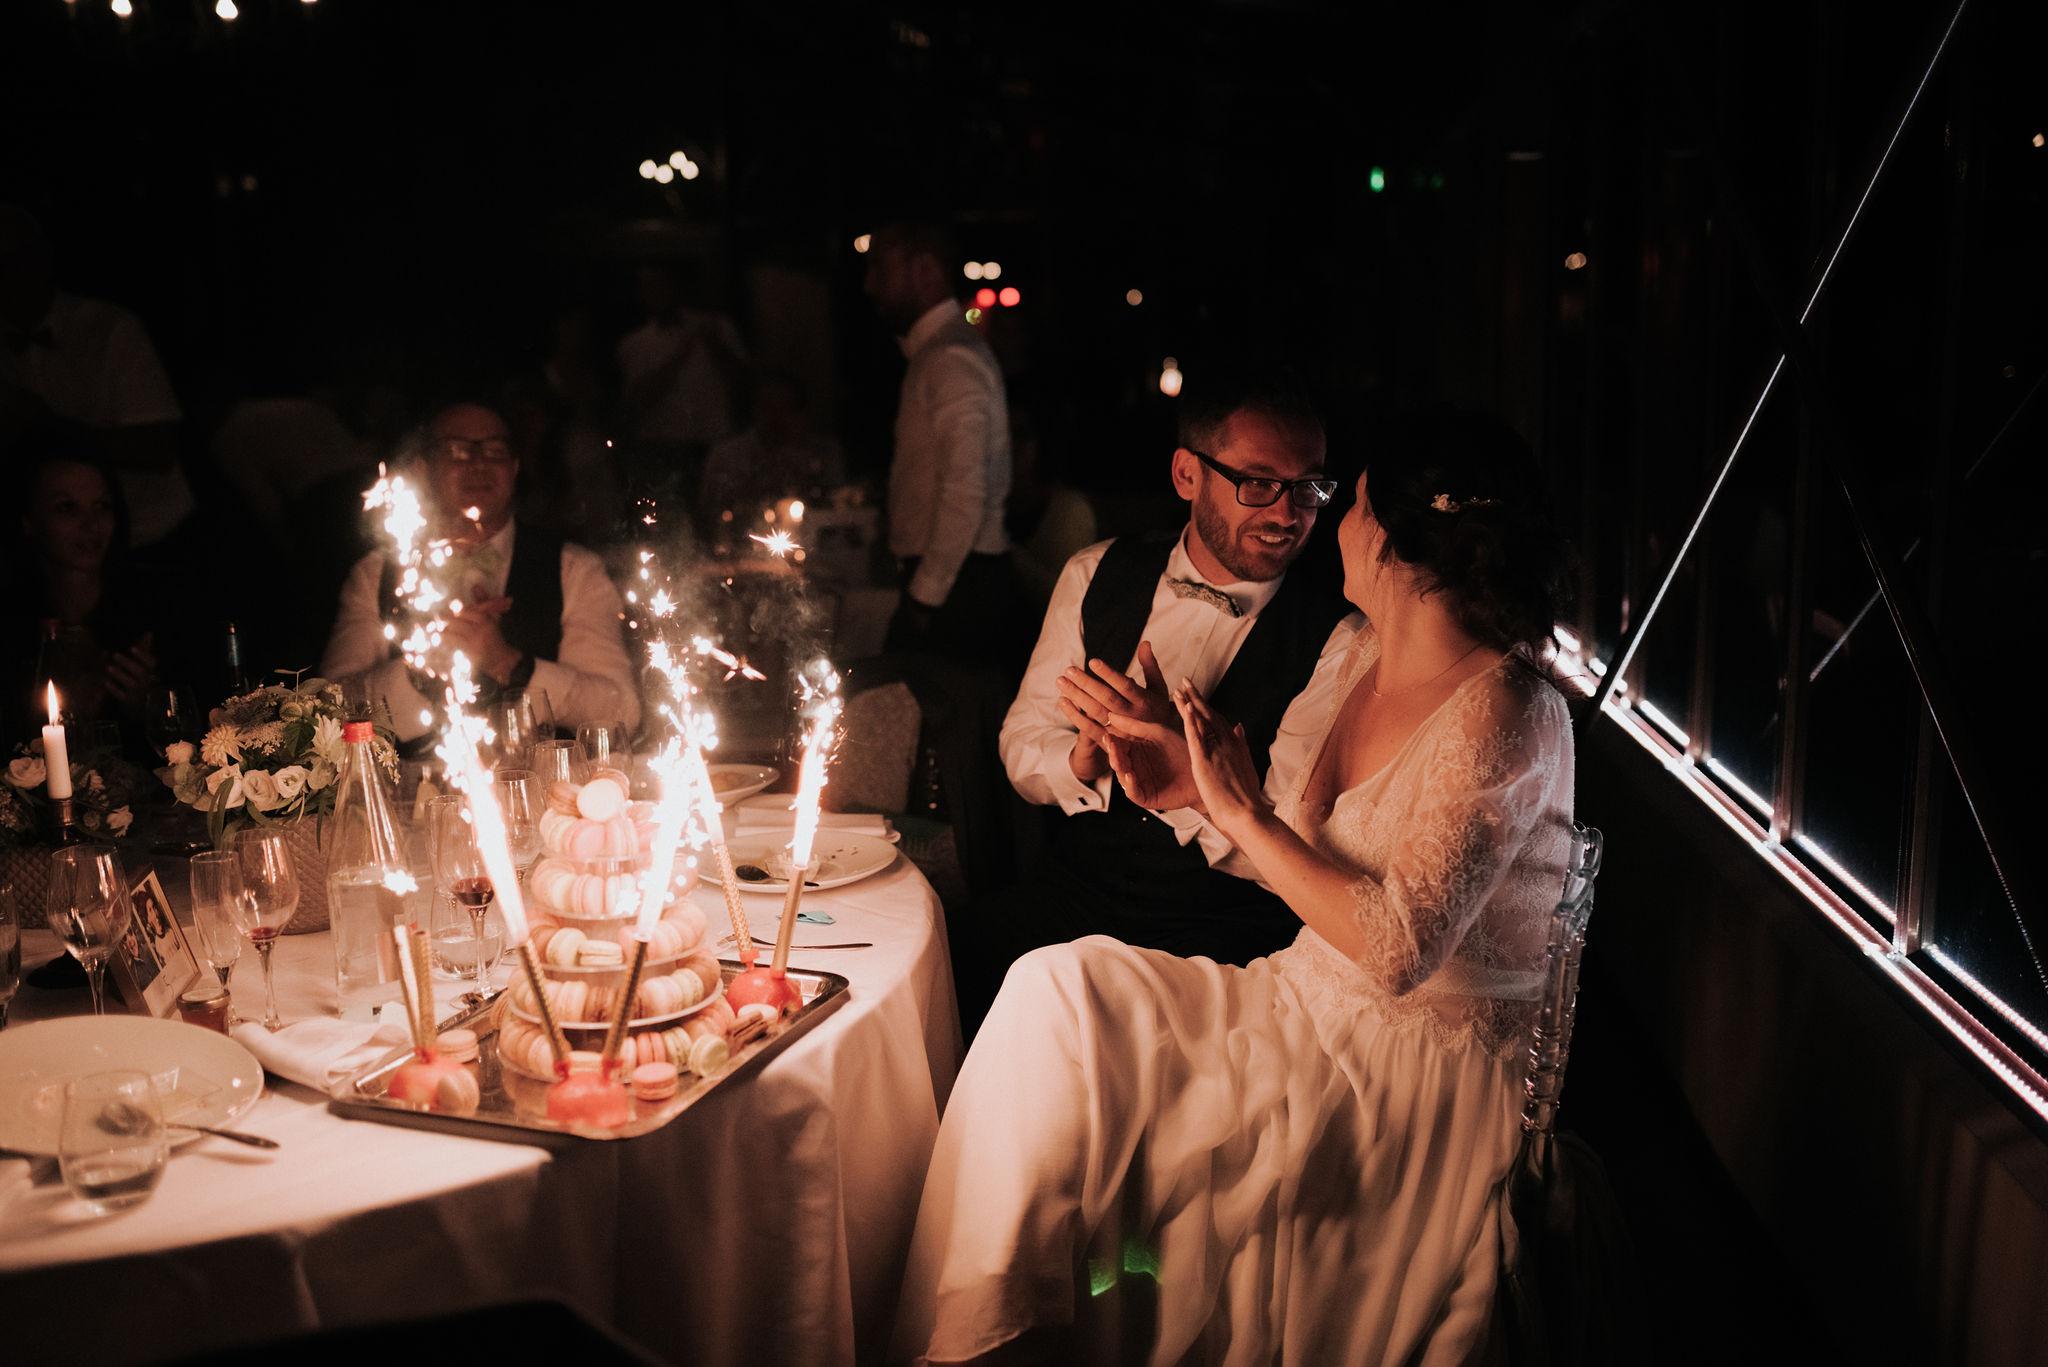 Léa-Fery-photographe-professionnel-lyon-rhone-alpes-portrait-creation-mariage-evenement-evenementiel-famille--245.jpg